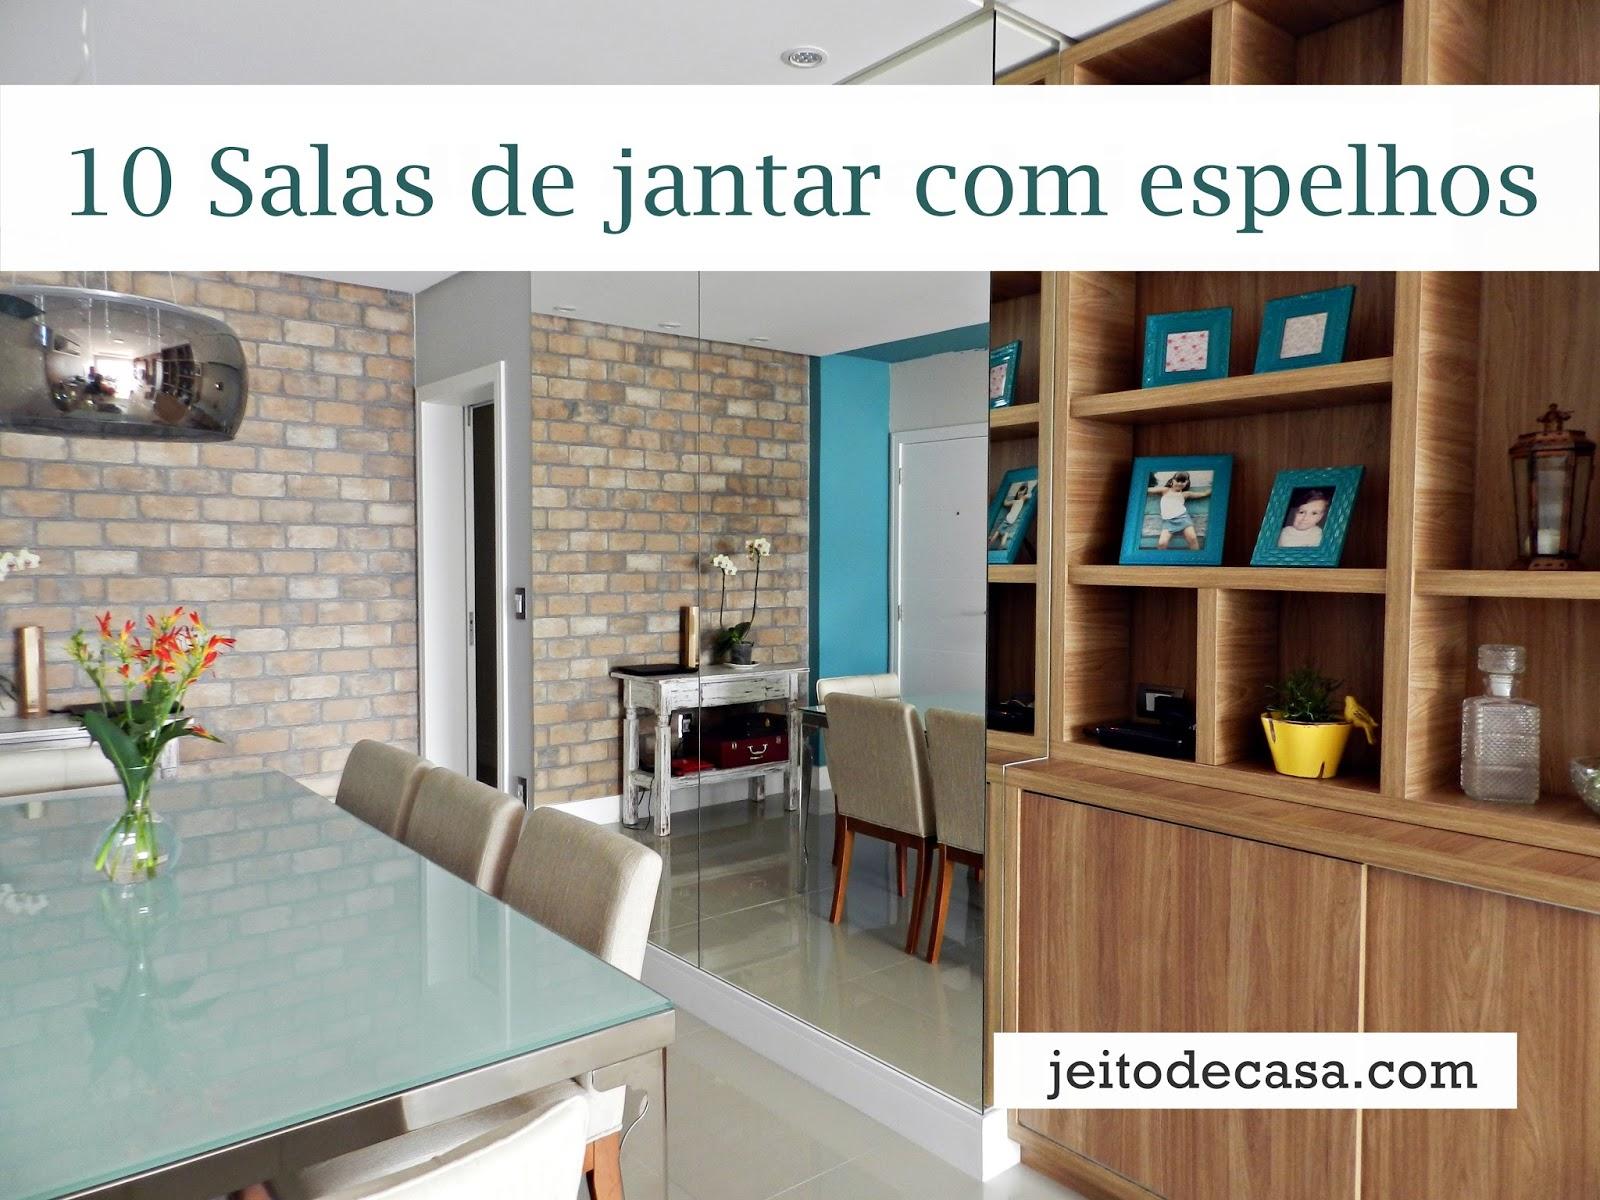 Decoraç u00e3o 10 salas de jantar com espelhos! Jeito de Casa Blog de Decoraç u00e3o e Arquitetura -> Decoração De Sala De Jantar Simples